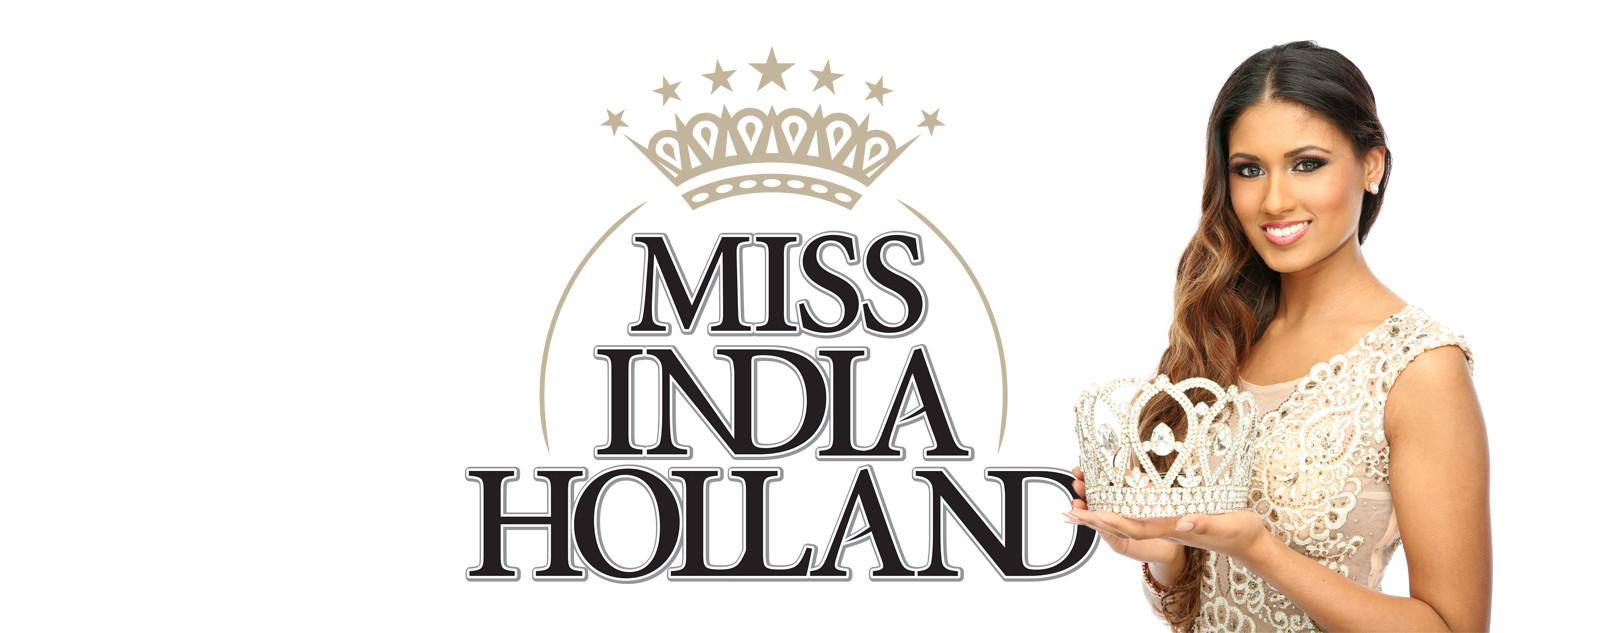 BEN JIJ DE NIEUWE MISS INDIA HOLLAND?